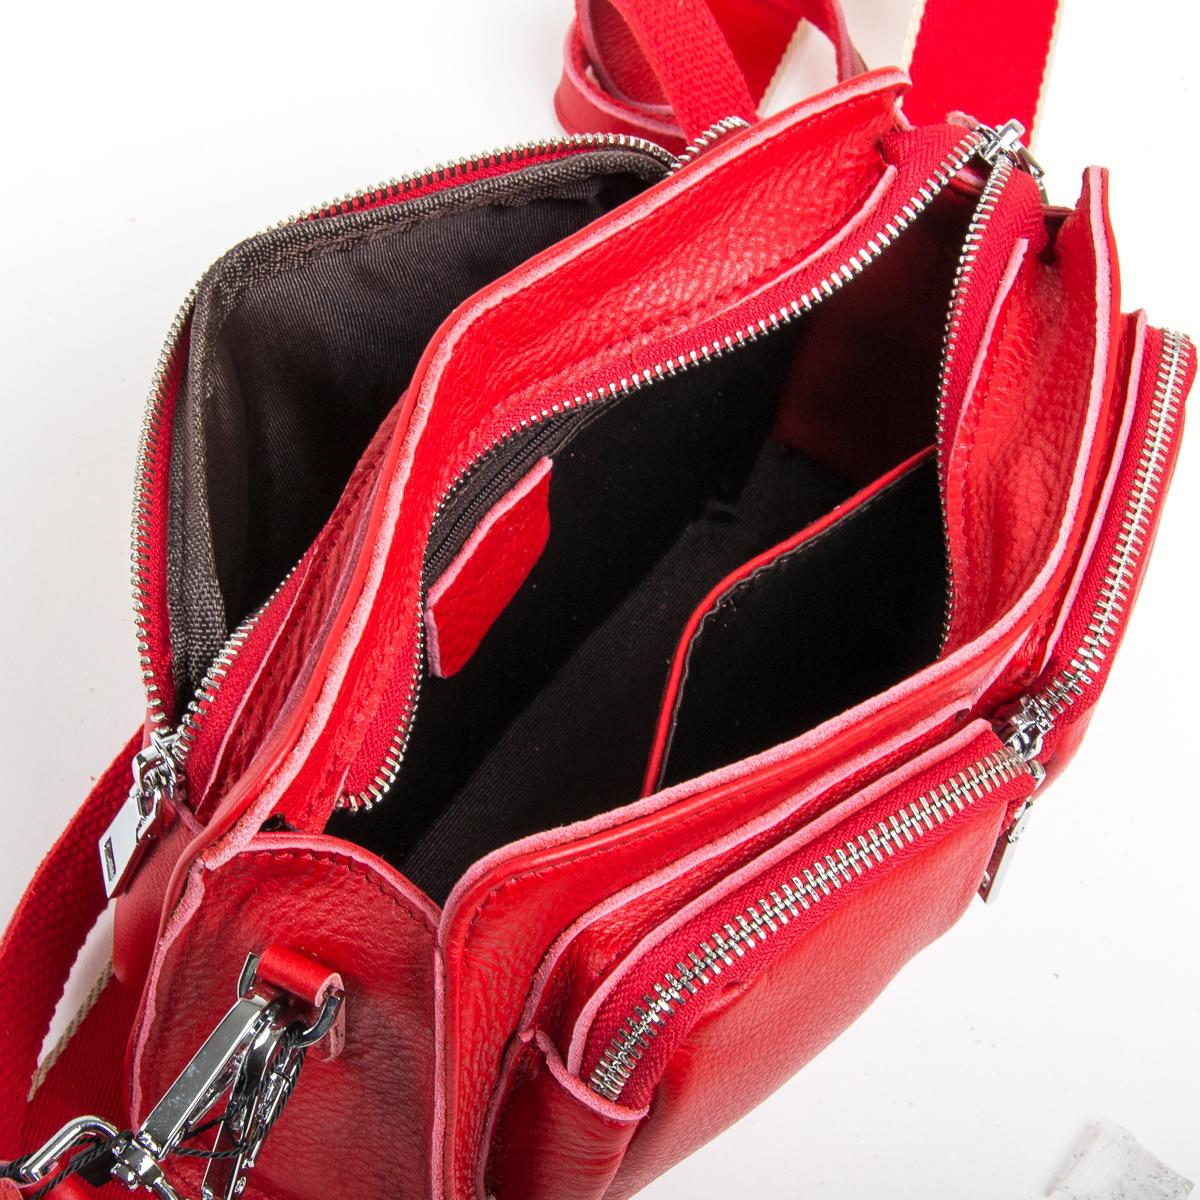 Сумка Женская Клатч кожа ALEX RAI 9-01 8785-9 red - фото 5